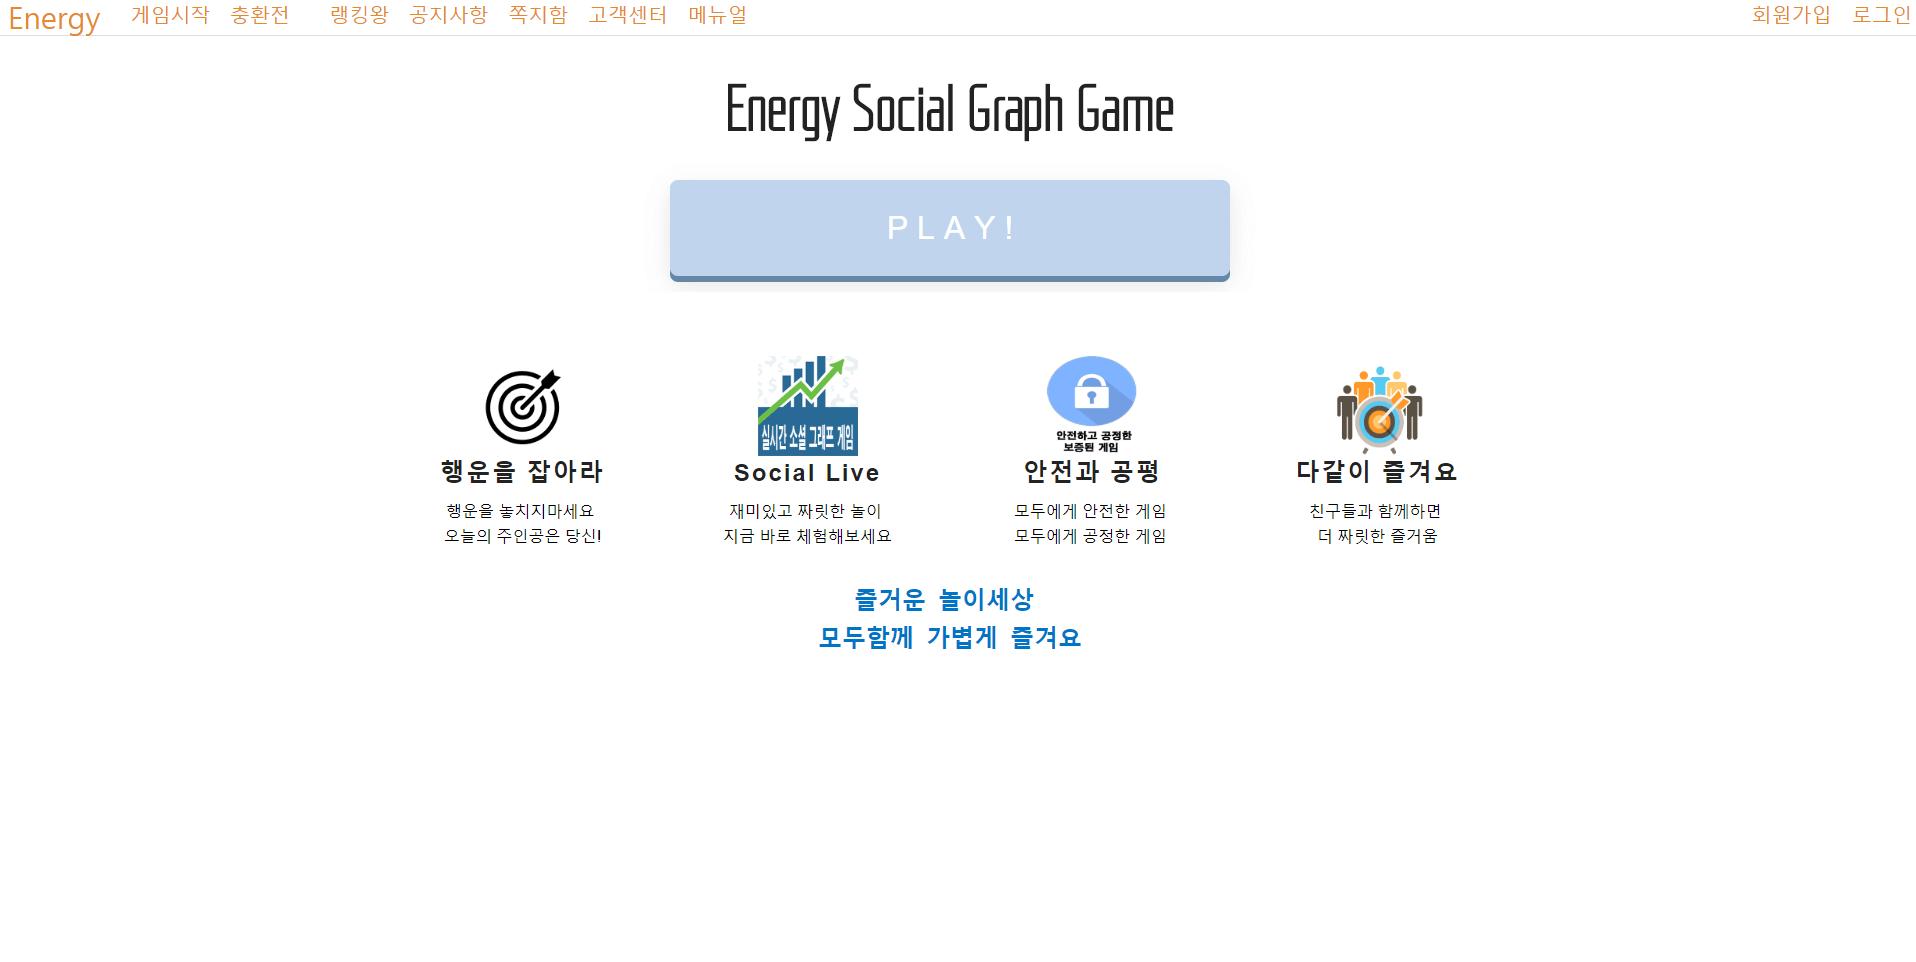 [먹튀사이트]ENERGY먹튀 에너지먹튀 ene-678.com 먹튀검증 토토사이트 먹튀검증업체 토토안내소